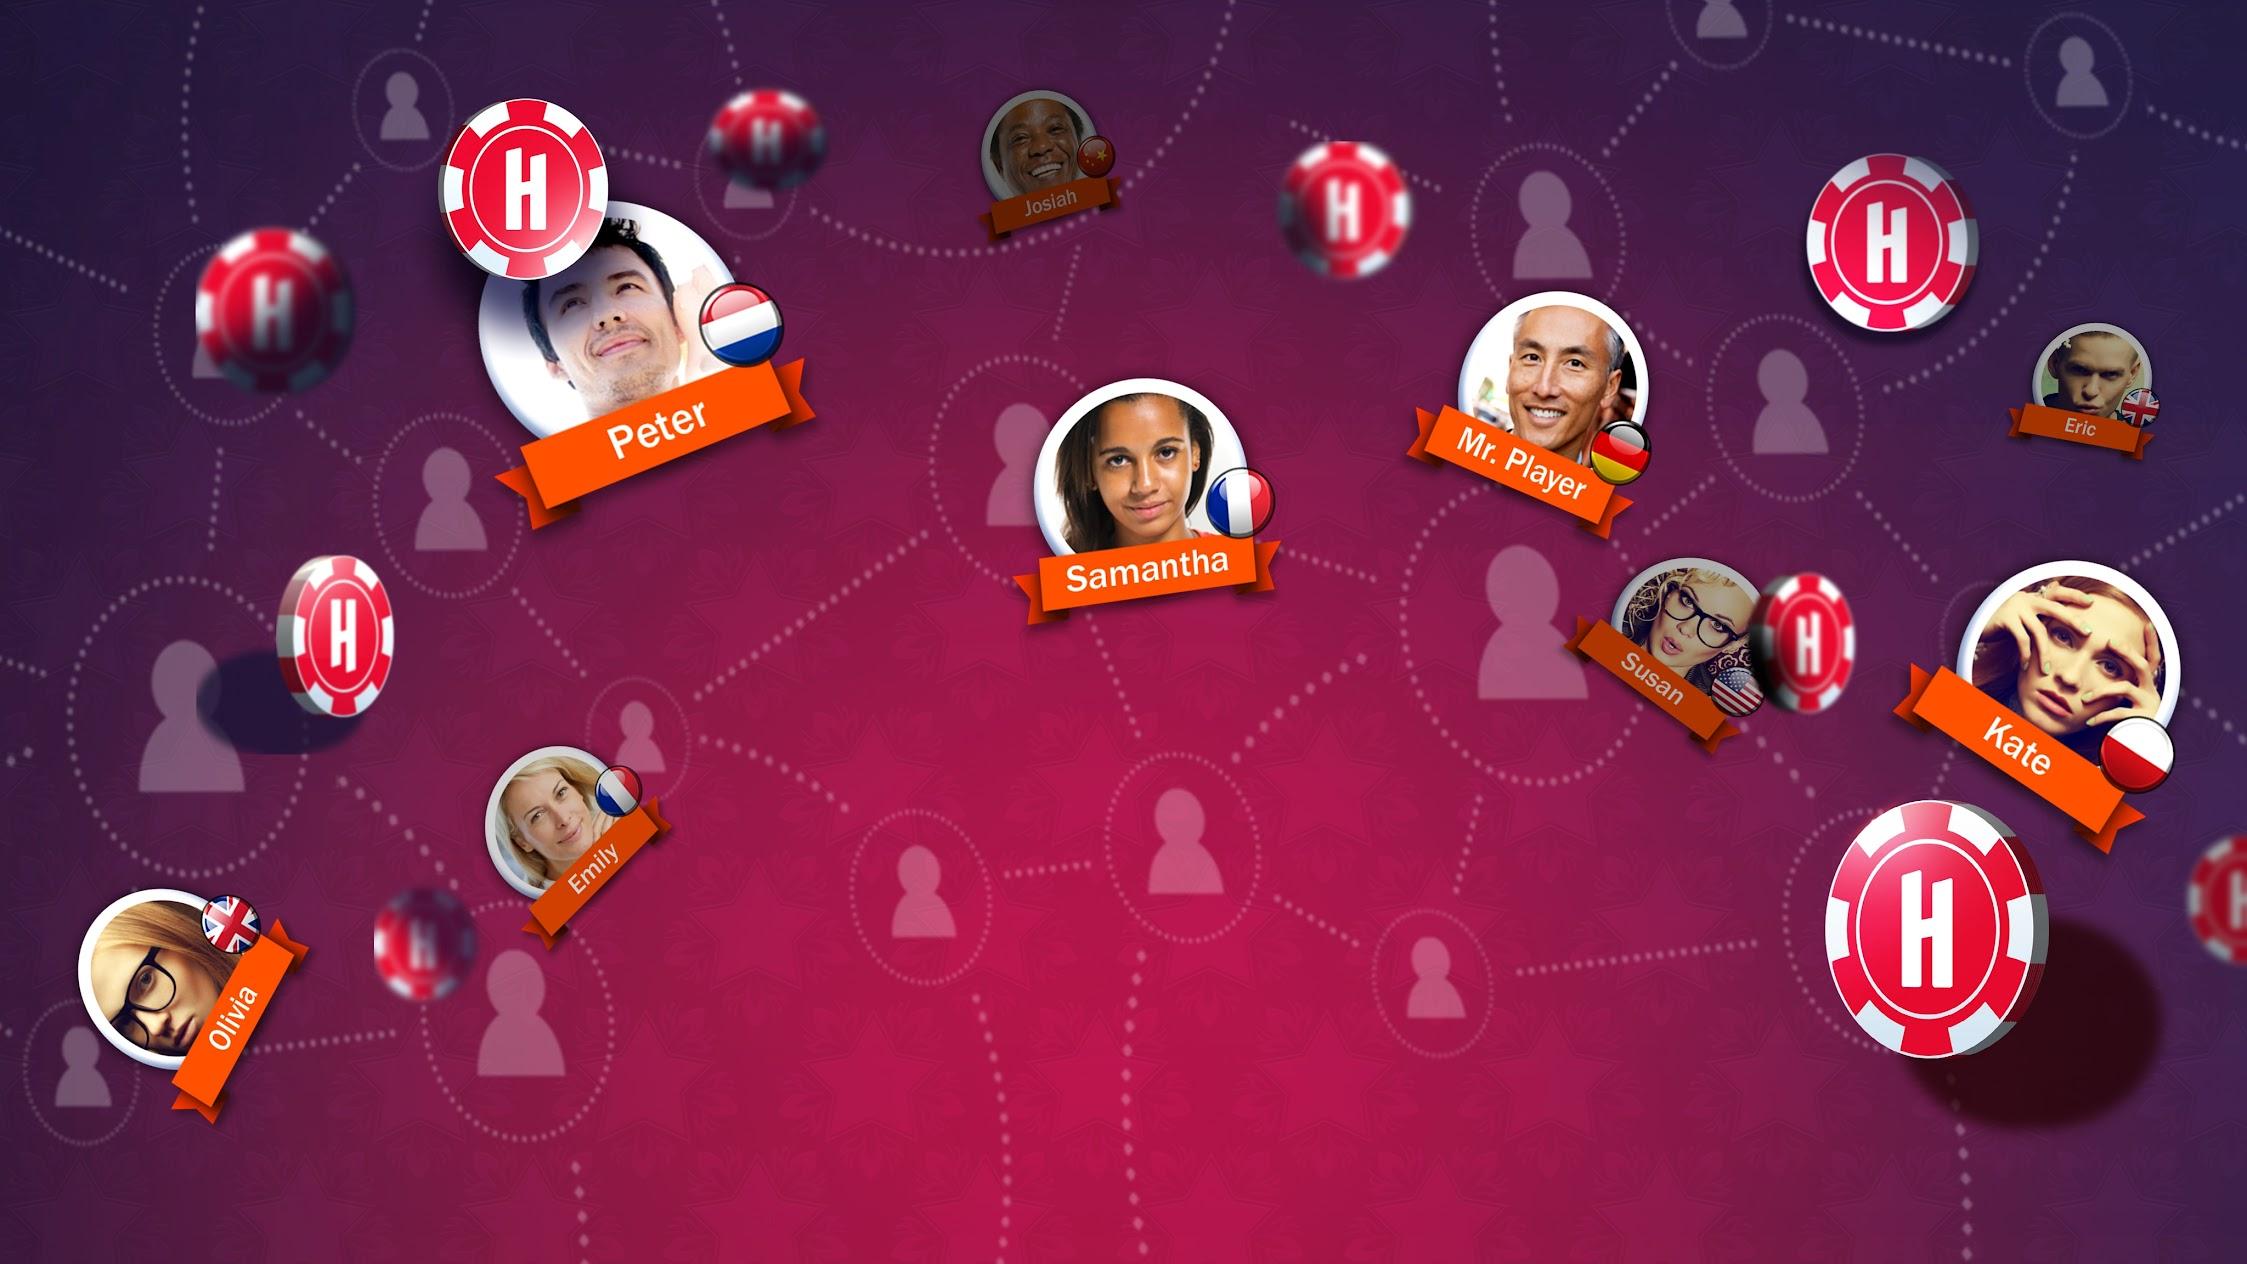 Huuuge: Multiplayer Slots, Casino, Poker